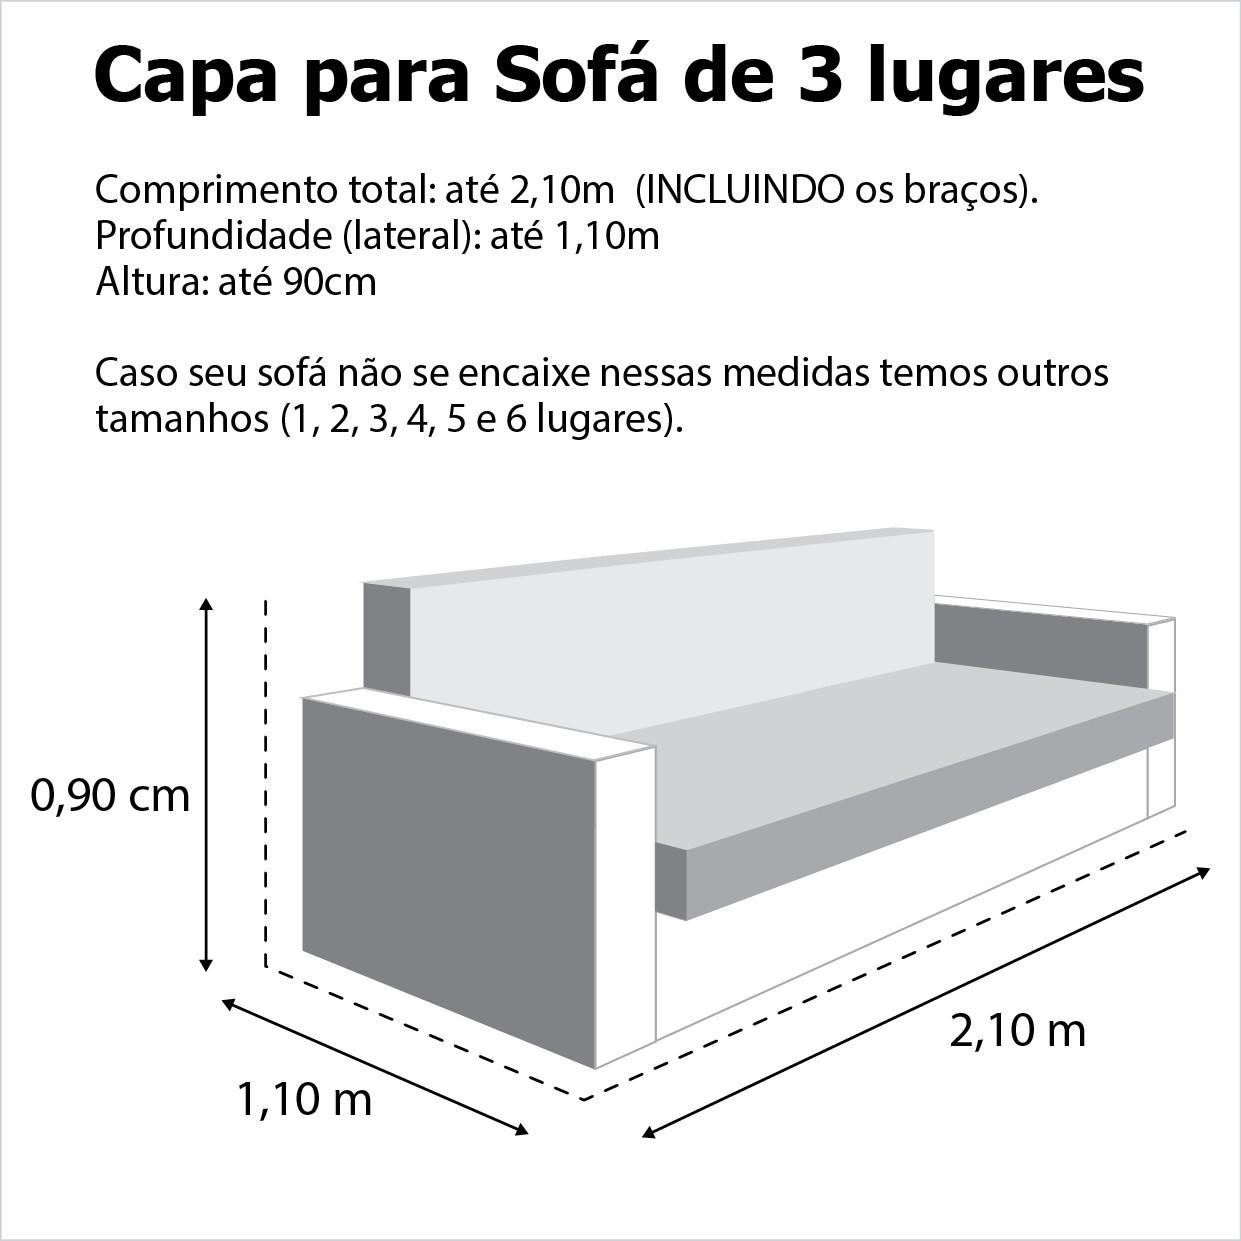 Capa p/ Sofá de 3 Lug GRAFITE em Gorgurão